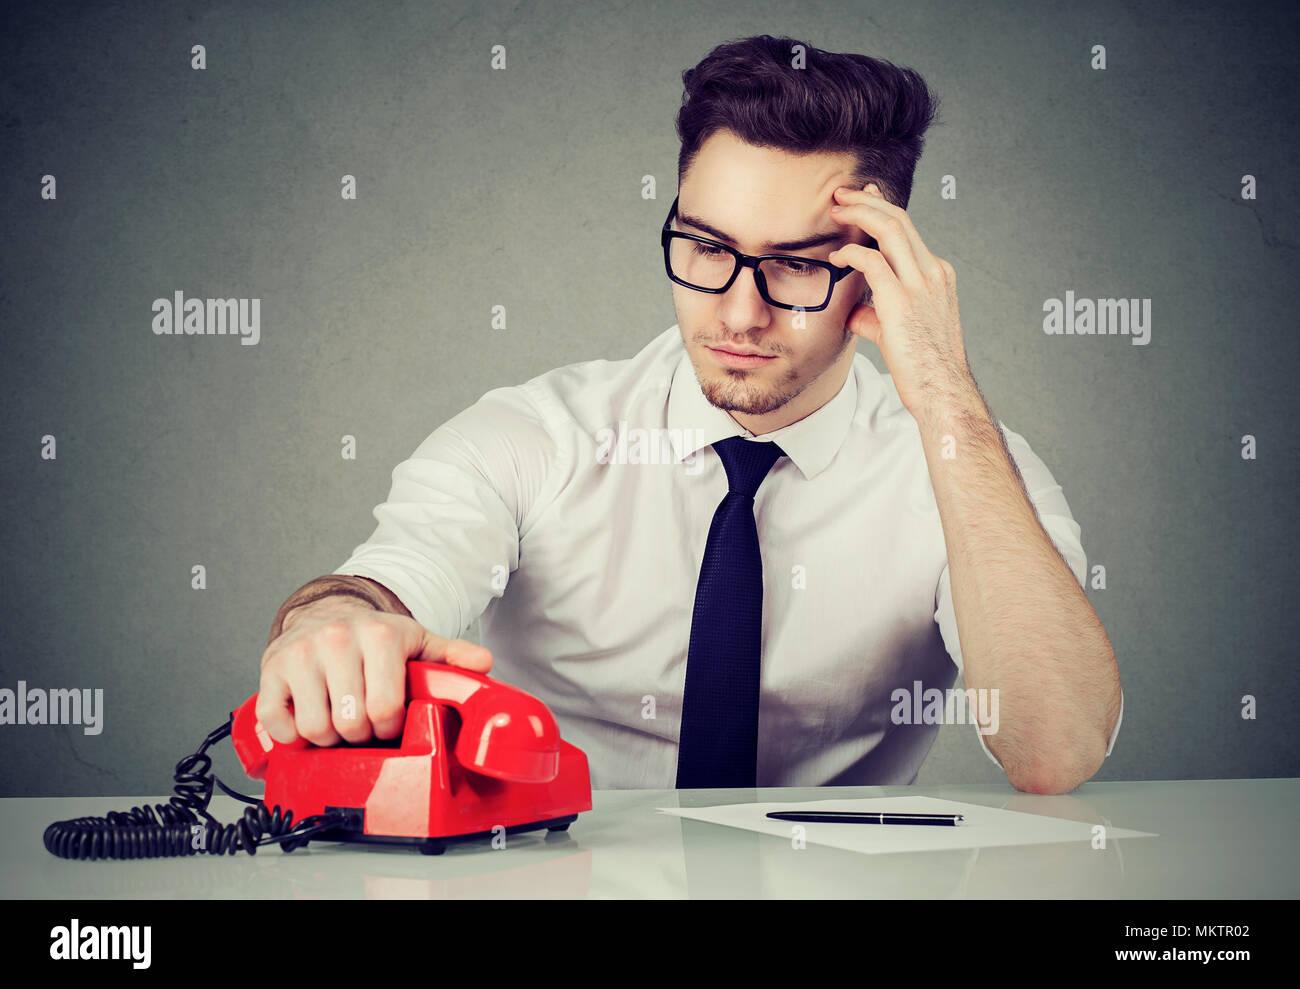 Junge Unternehmer bei der Arbeit Tabelle sorgfältig Denken und zum Telefonieren Lösung des Problems. Stockfoto